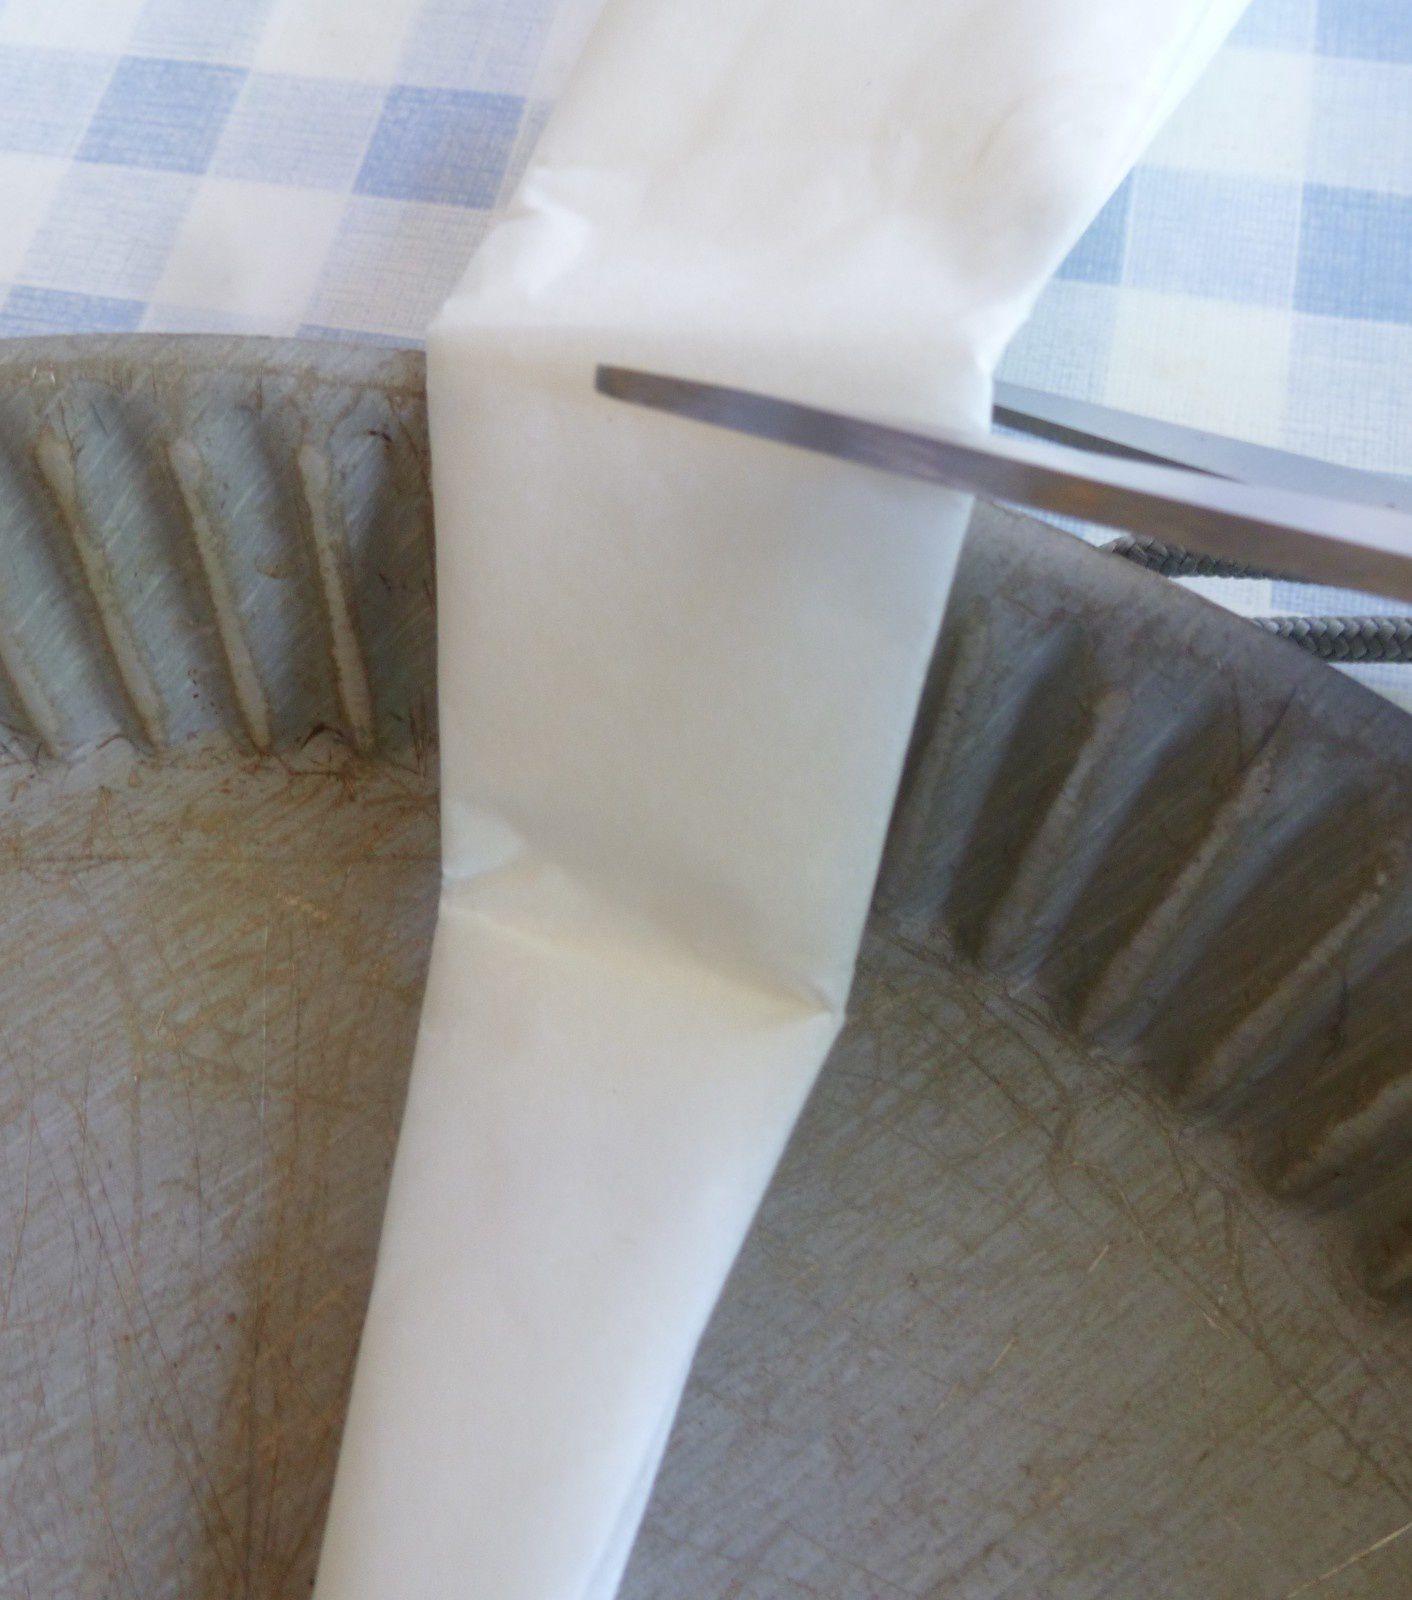 comment découper facilement un papier cuisson pour garnir un moule à tarte rond